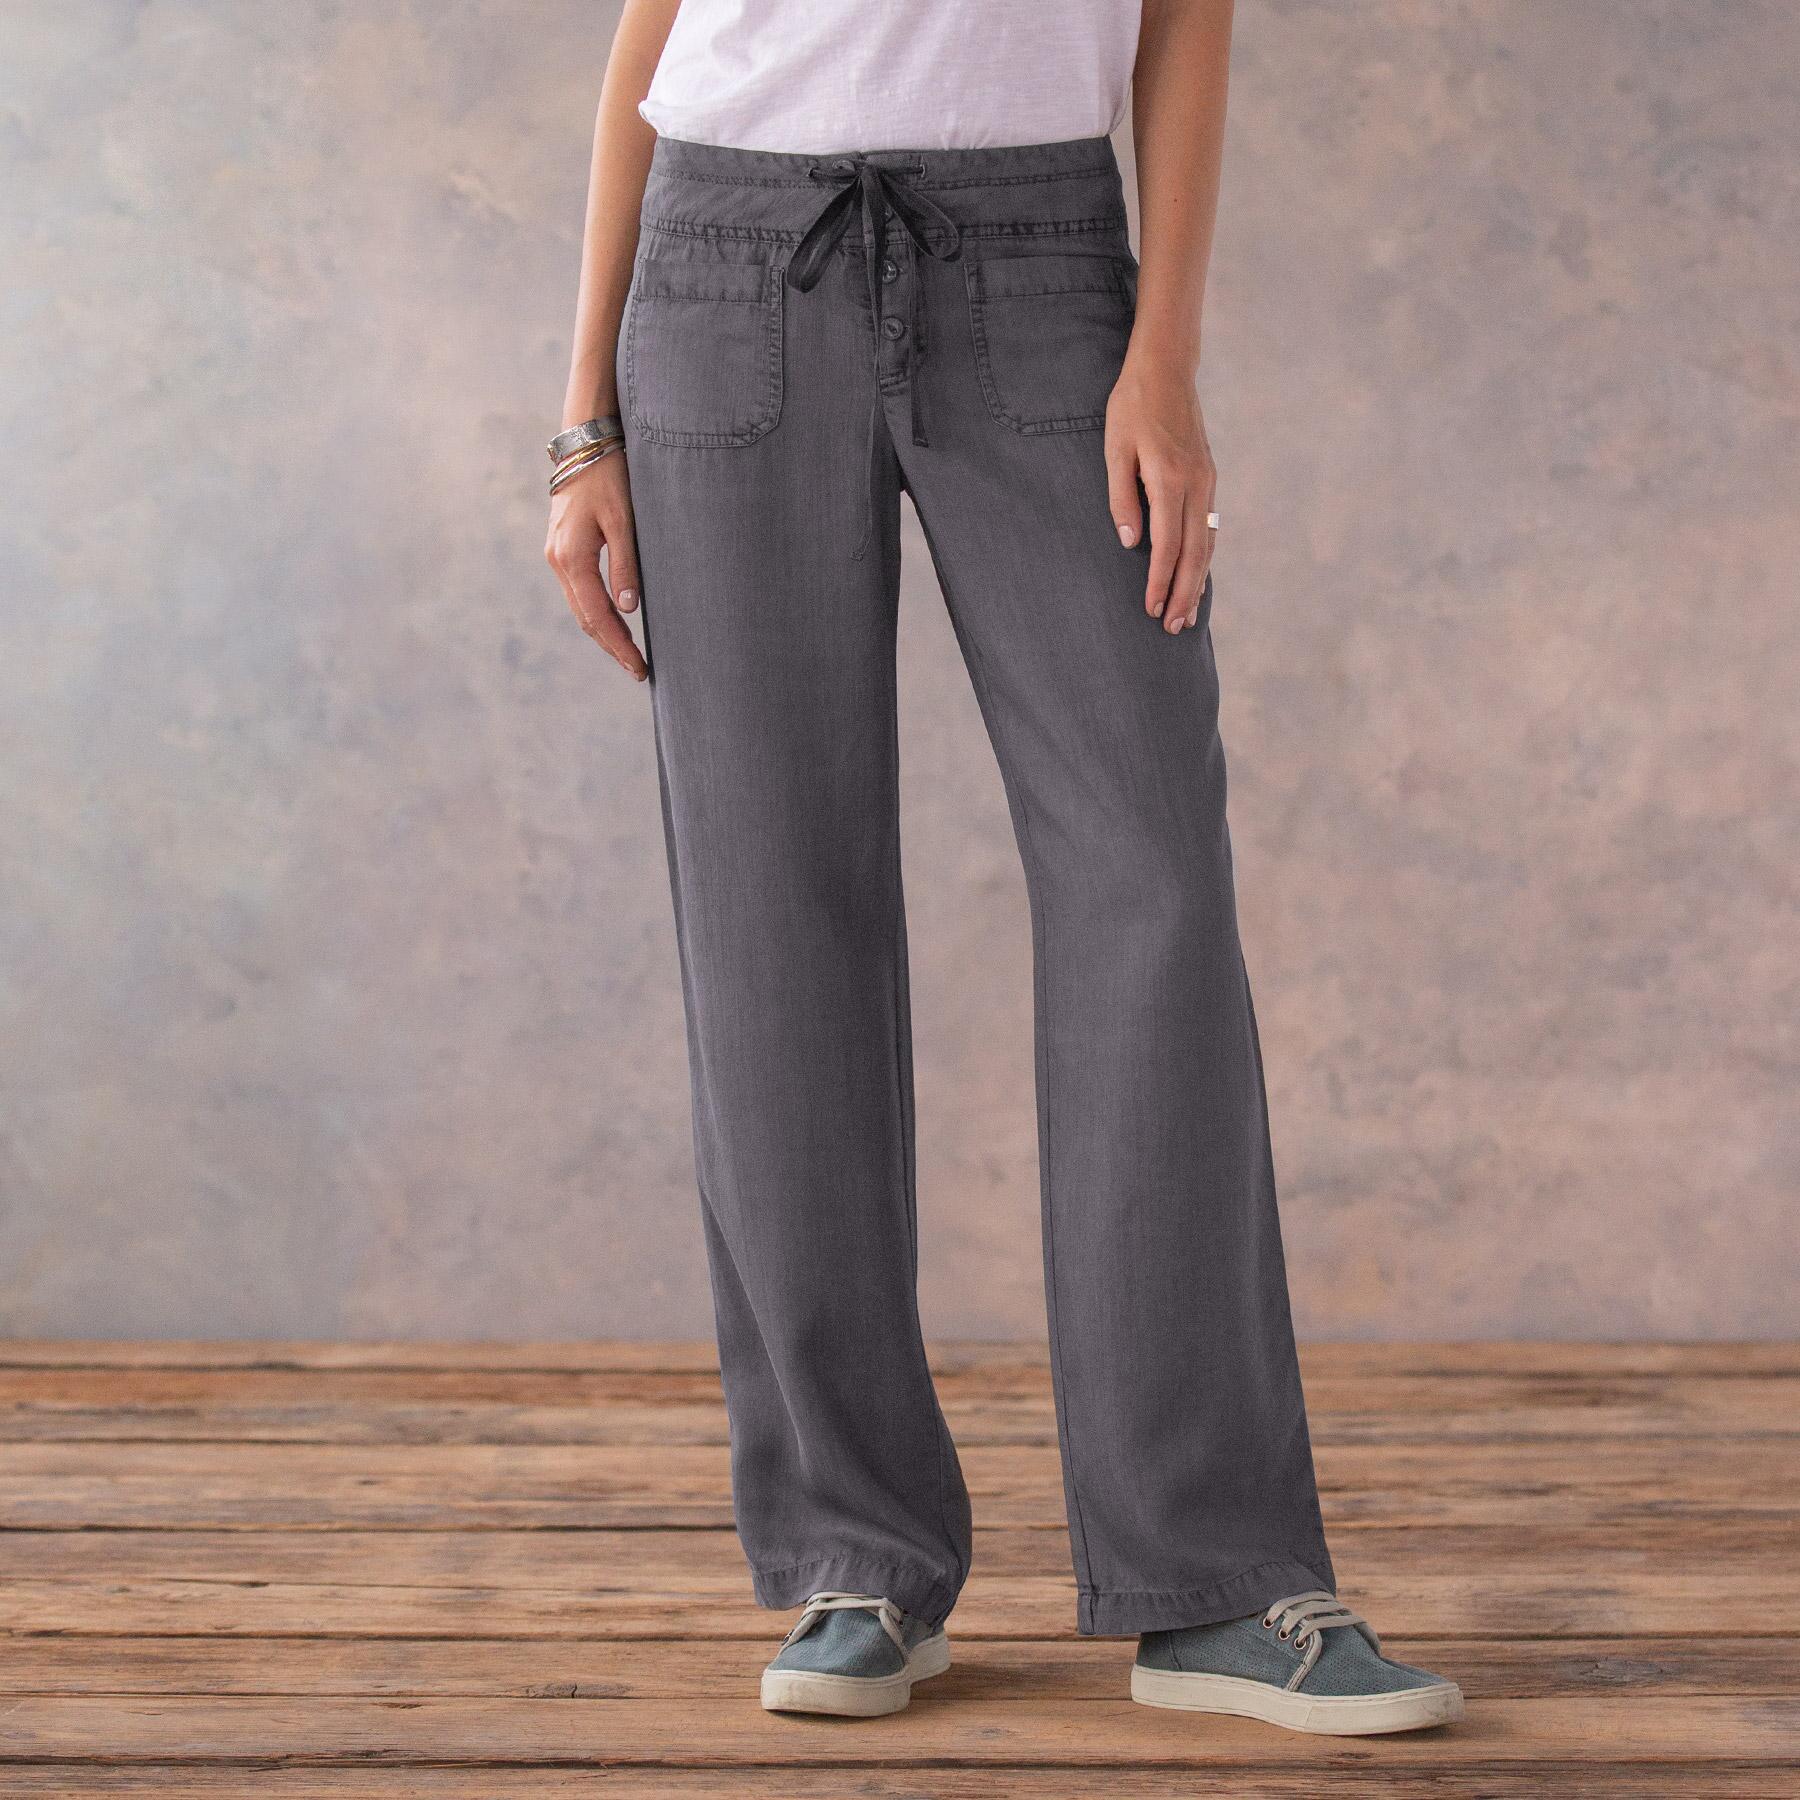 TENCEL® GIGI WIDE LEG PANTS - PETITES: View 2